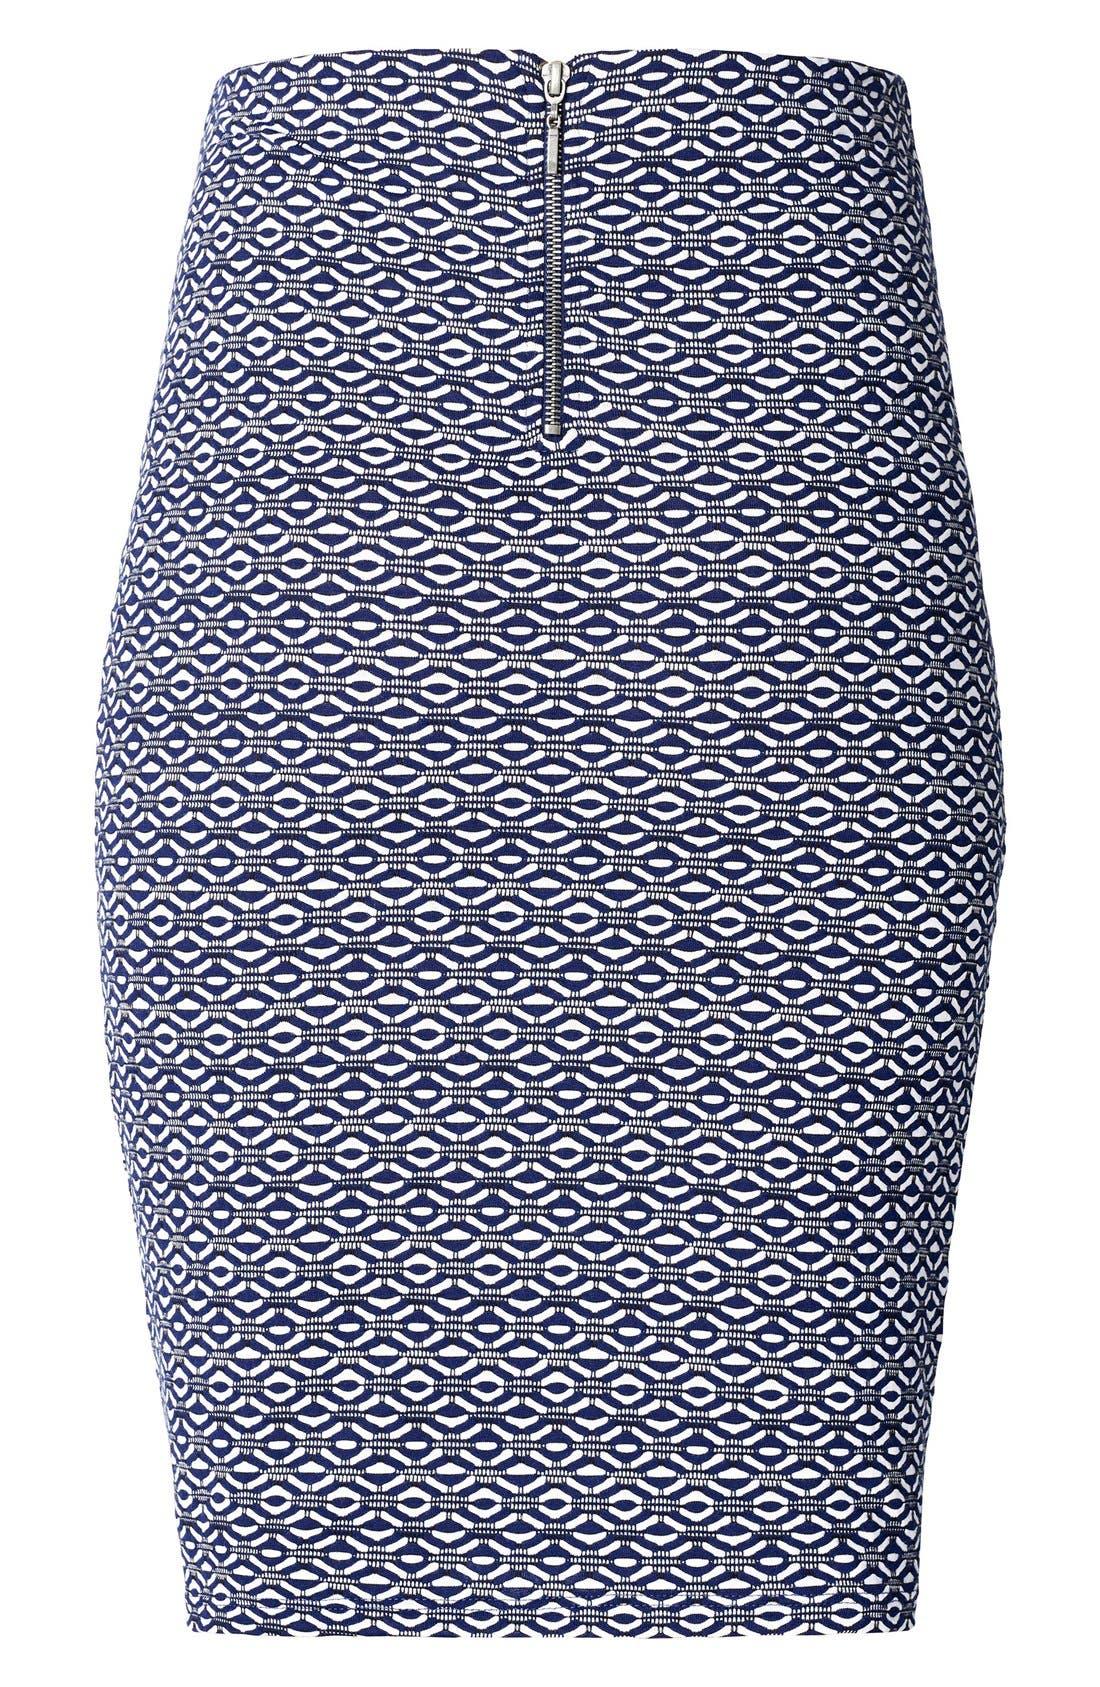 Rita Maternity Pencil Skirt,                             Main thumbnail 1, color,                             MEDIUM BLUE